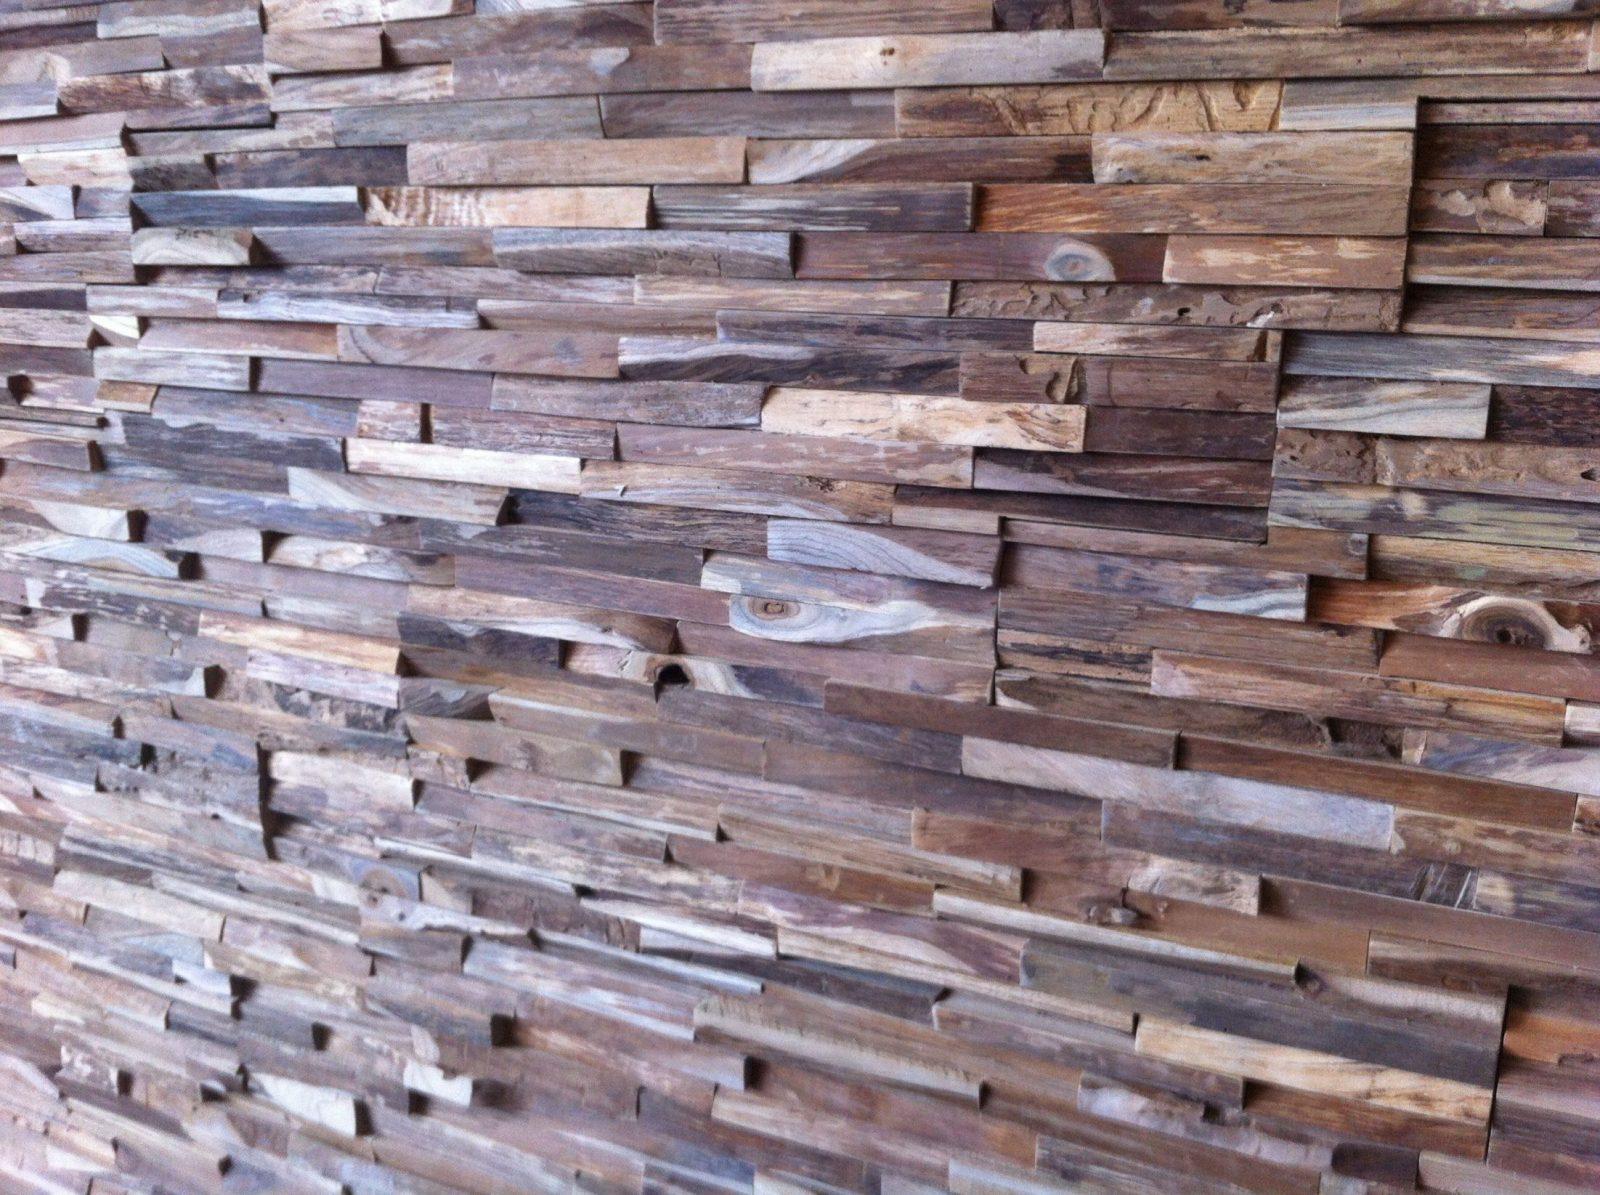 Wandverkleidung Holz Innen Modern  Mauer Und Gehweg  Pinterest von Wandverkleidung Aus Holz Innen Bild